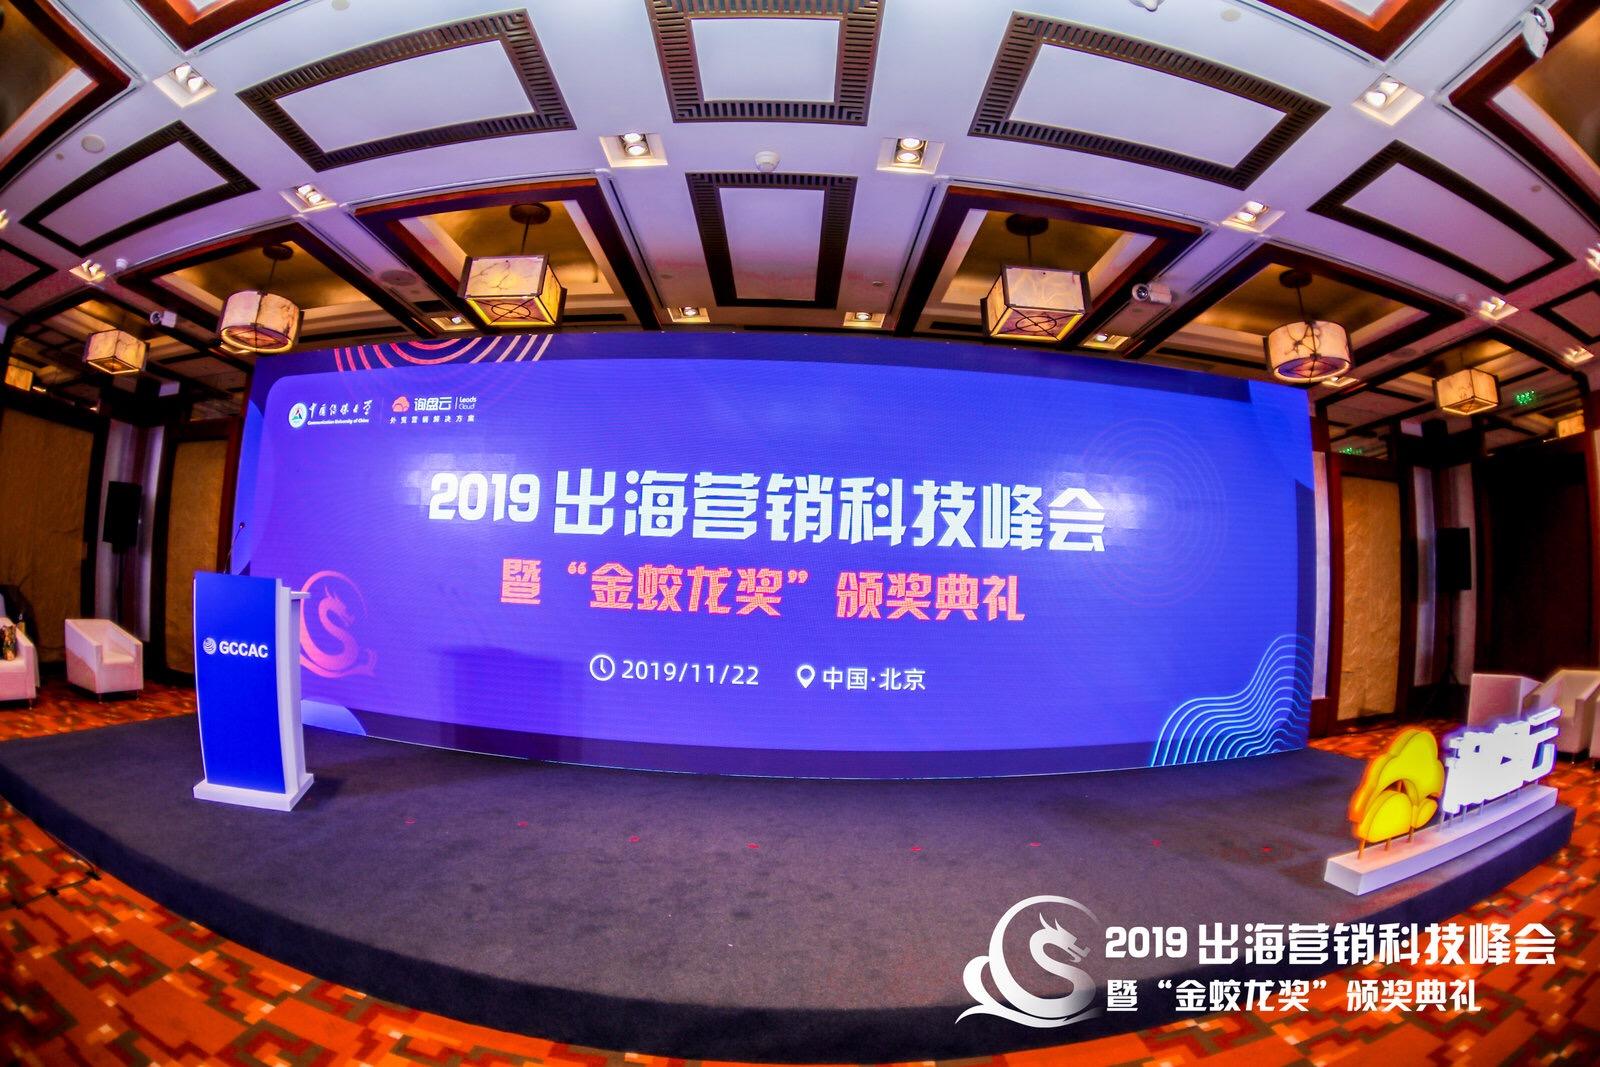 询盘云发布《2019中国B2B行业出海白皮书》,助力企业数字化出海